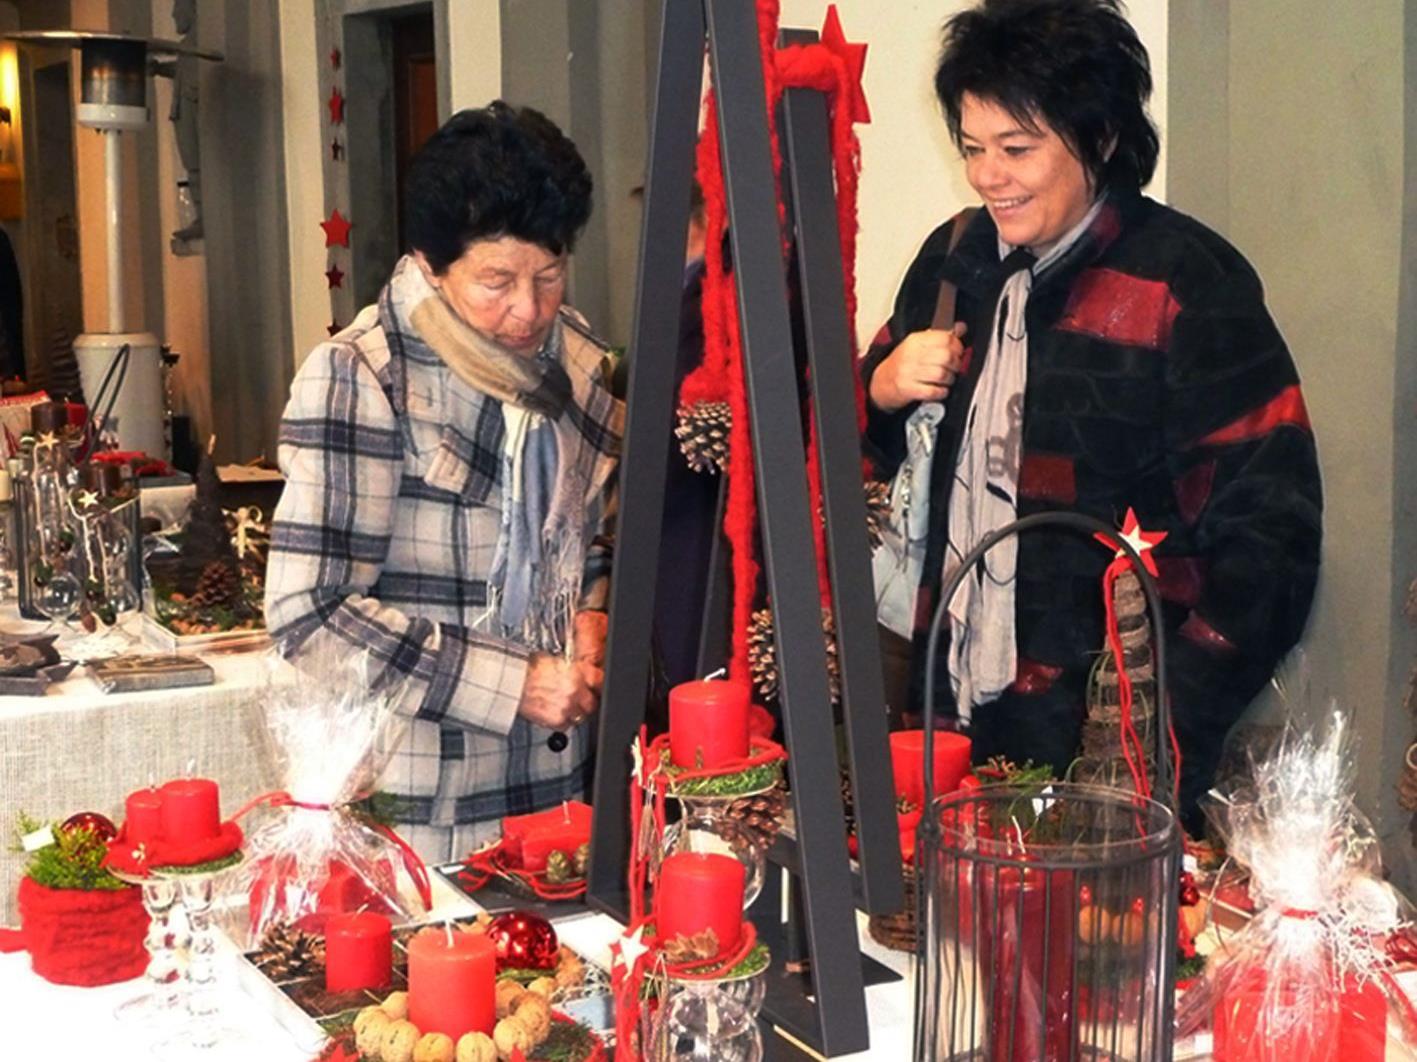 Auch die elfte Weihnachtsausstellung imHof des Hohenemser Palastes war gut besucht.